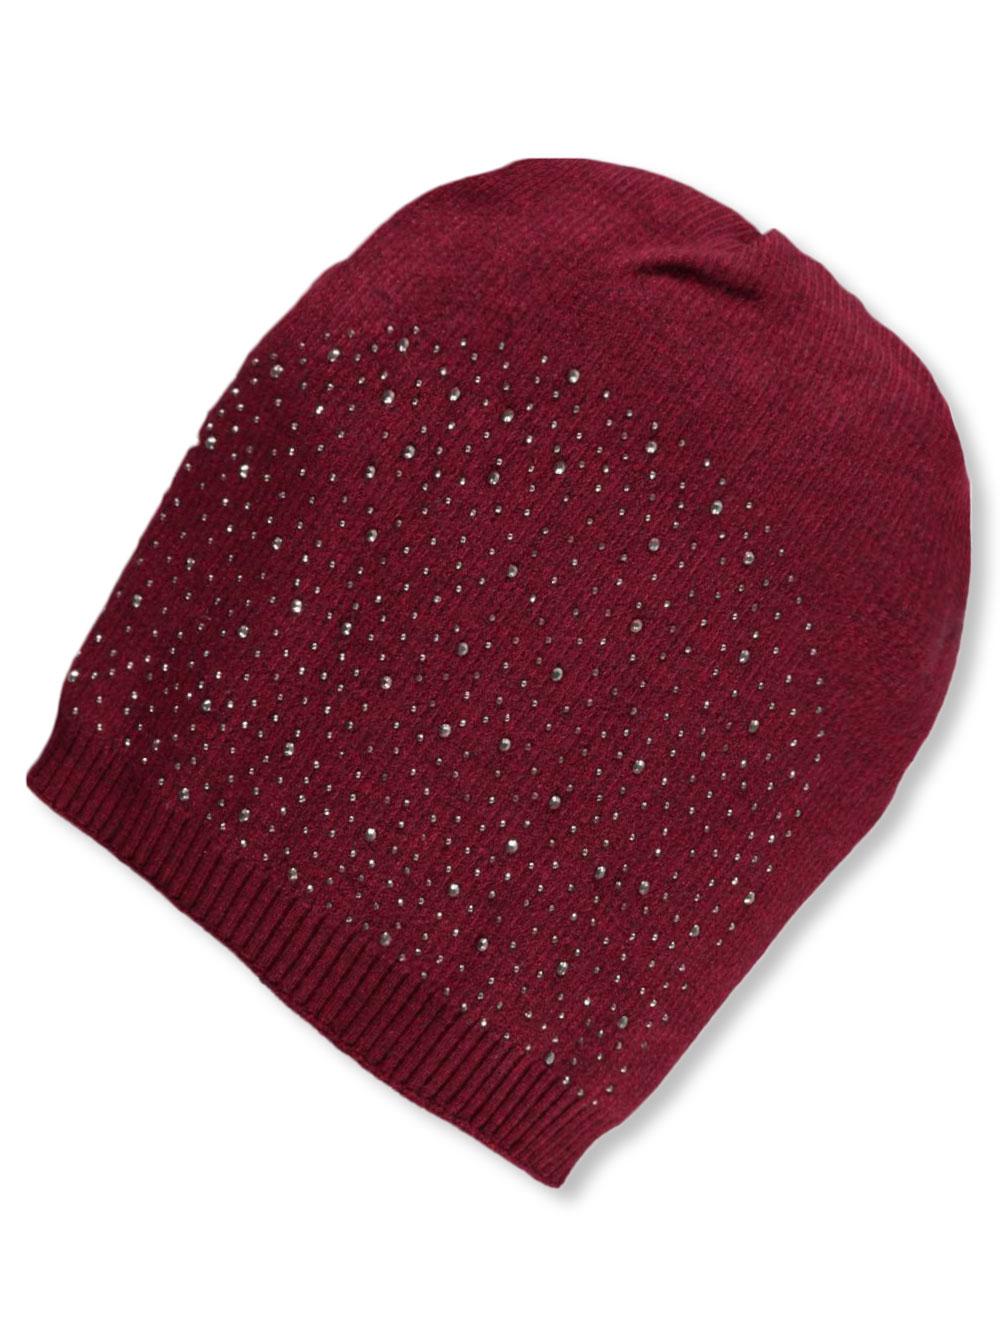 60a356f3ef1 Connex Gear Girls  Knit Beanie (One Size)